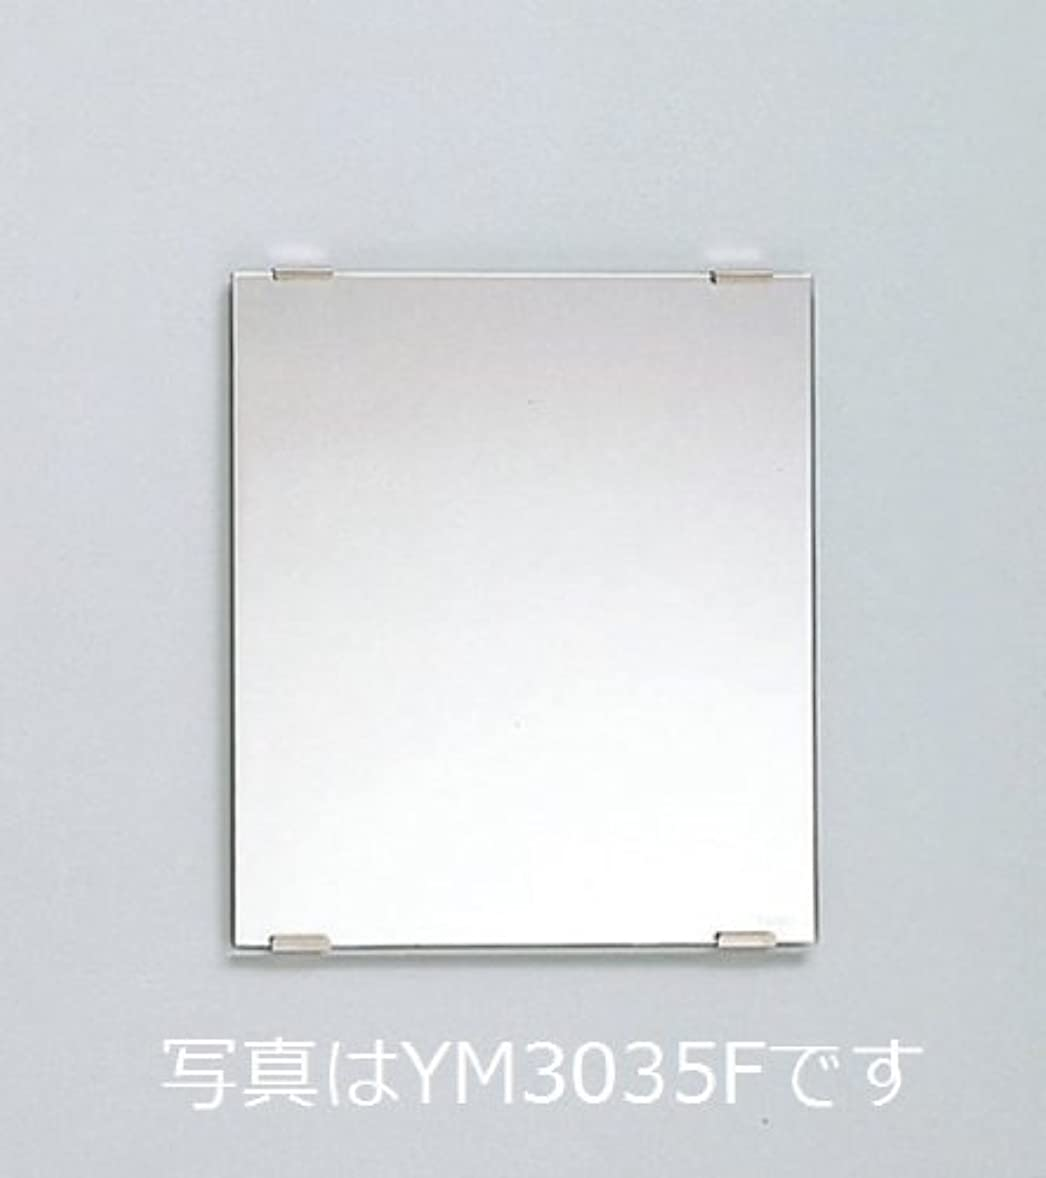 収縮消毒剤サイズTOTO 化粧鏡 YM3560F 耐食鏡 角型 350×600(mm)